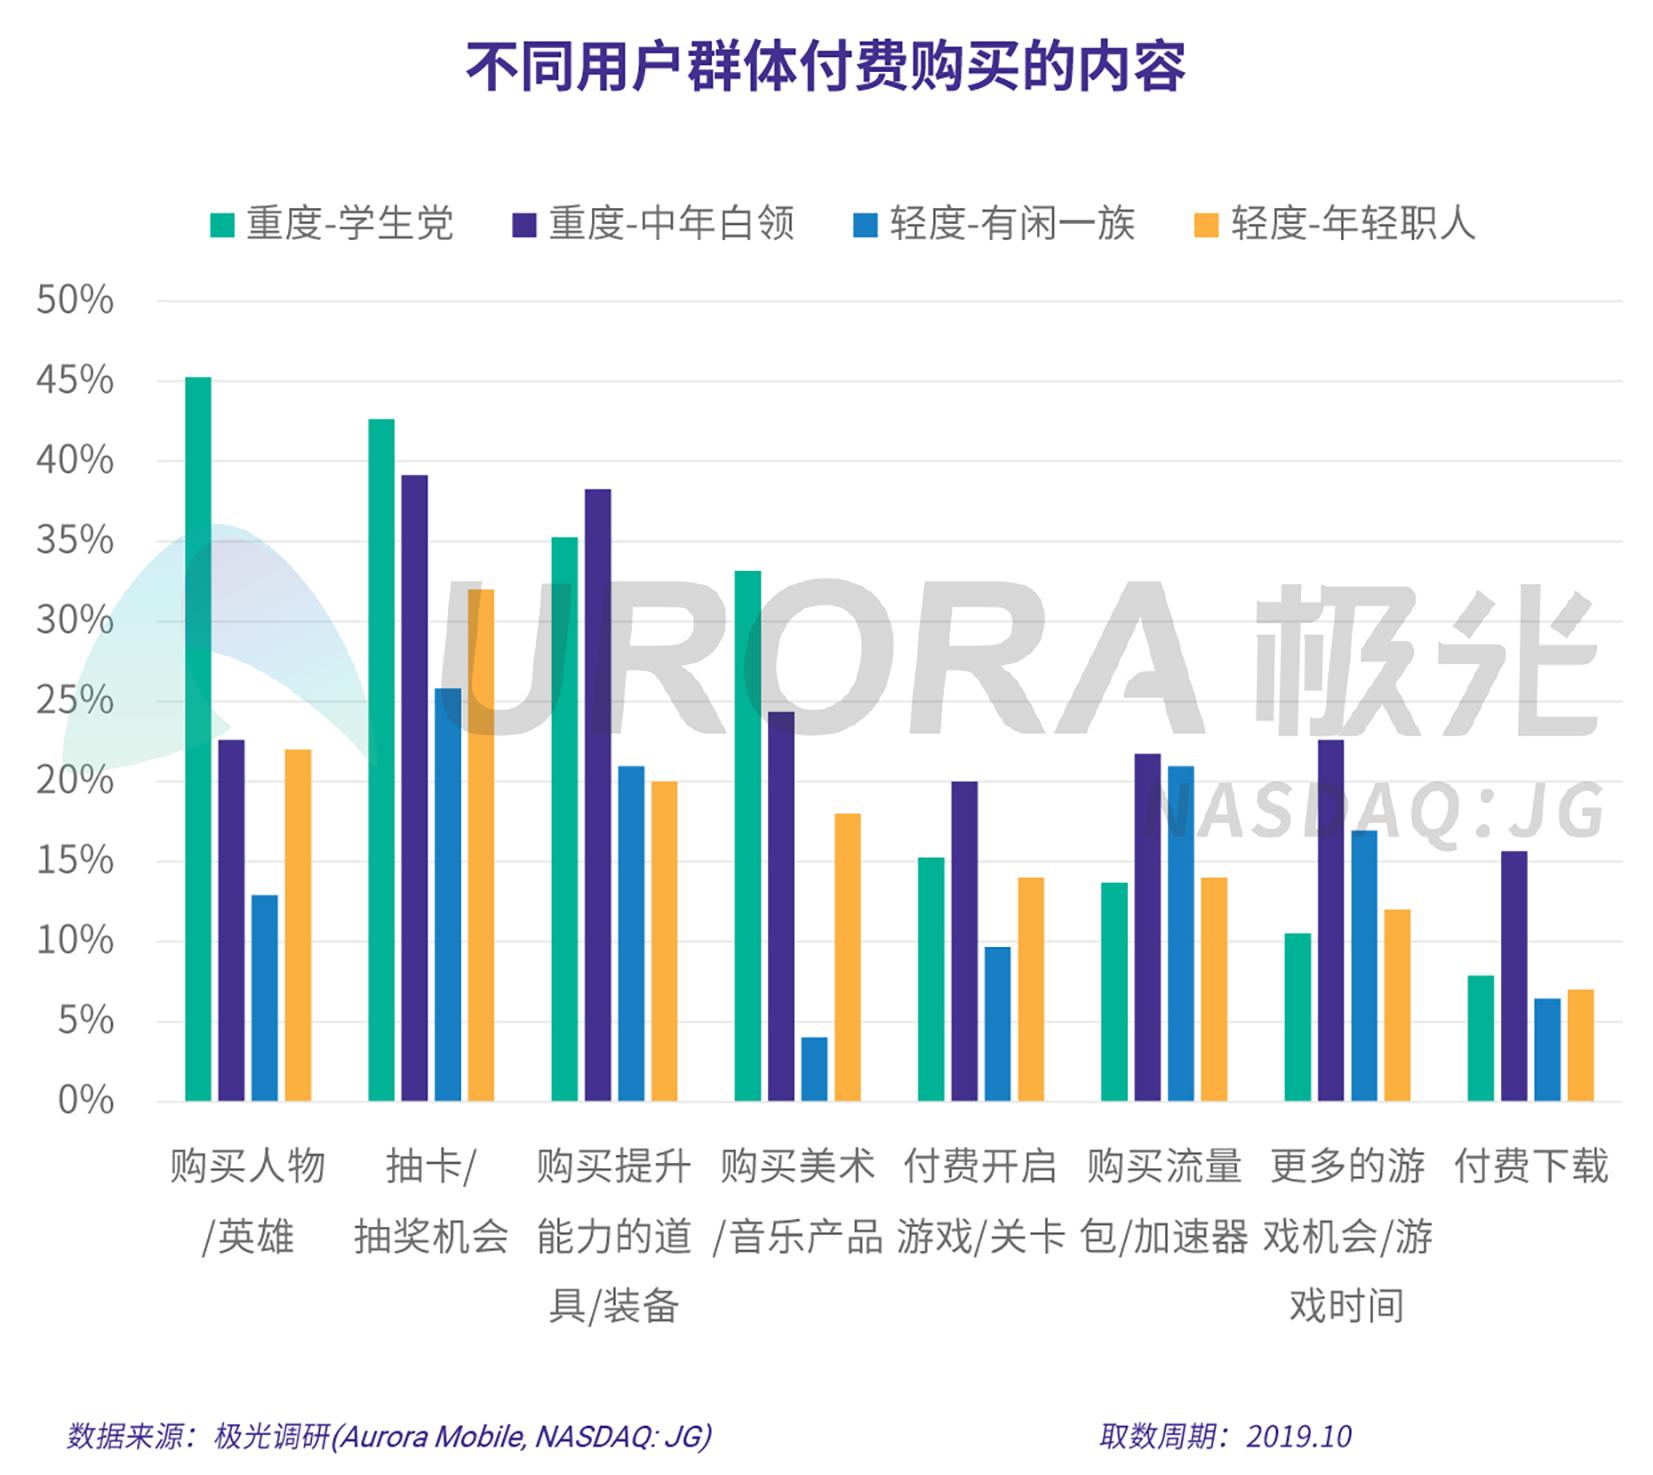 2019年手机游戏研究报告V5-28.png